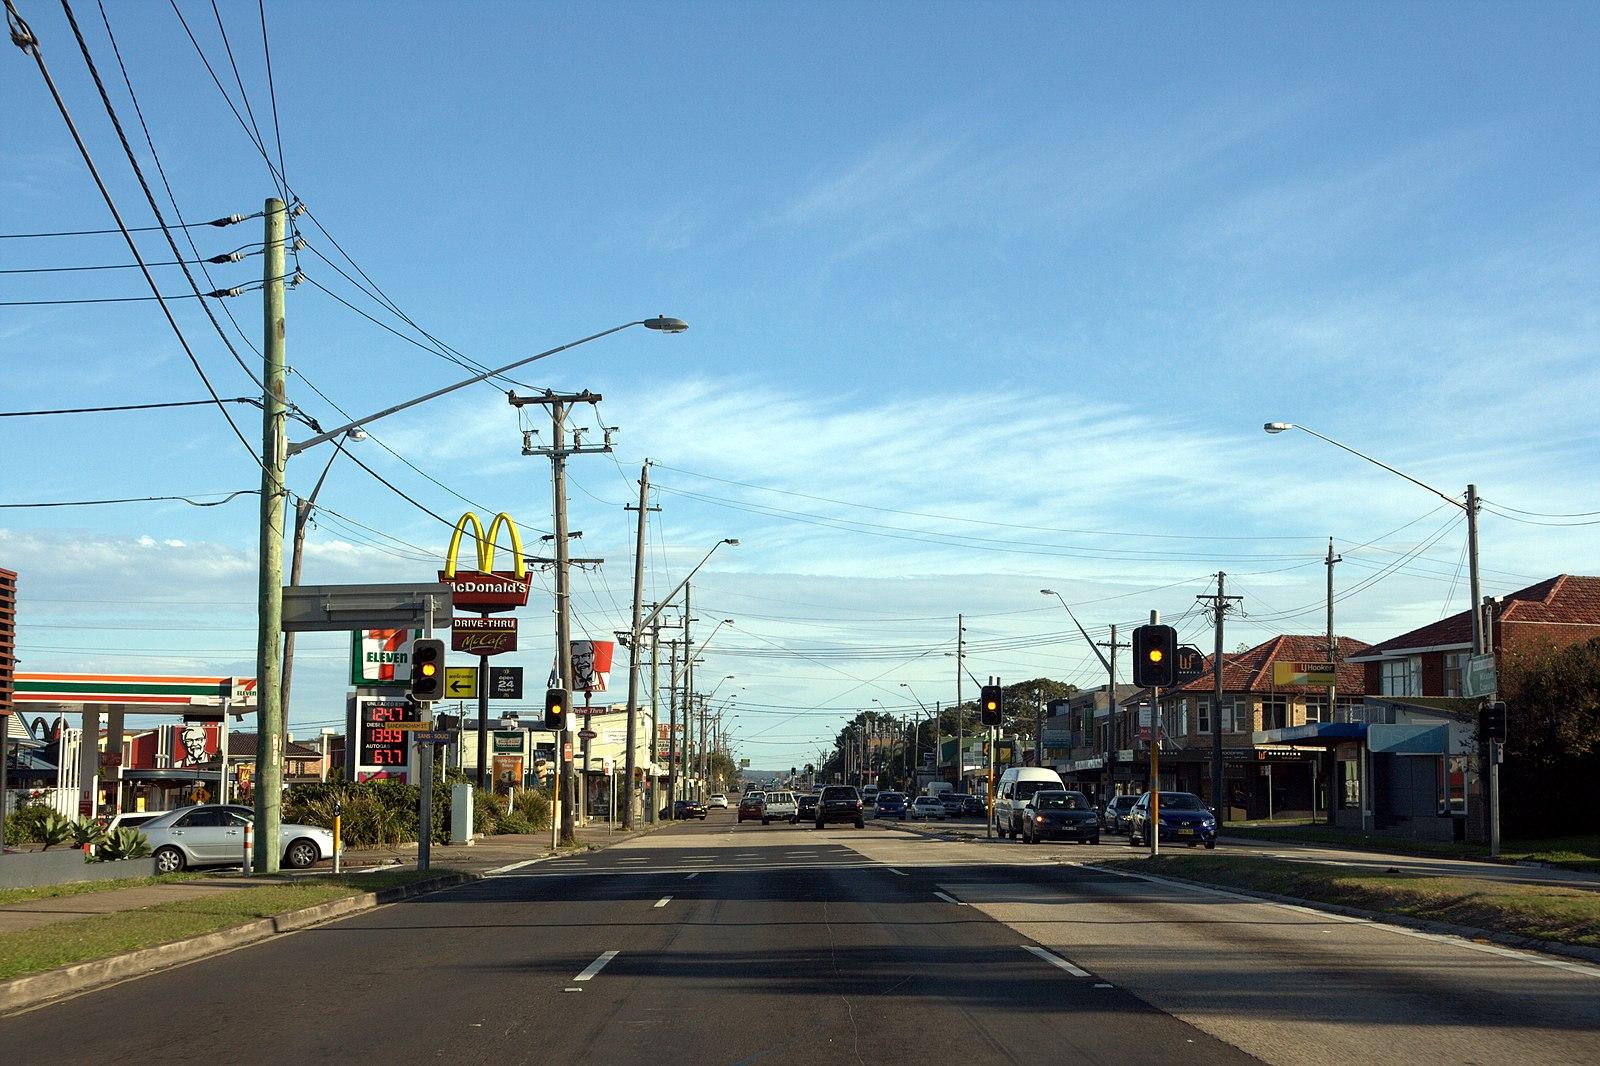 San Souci NSW